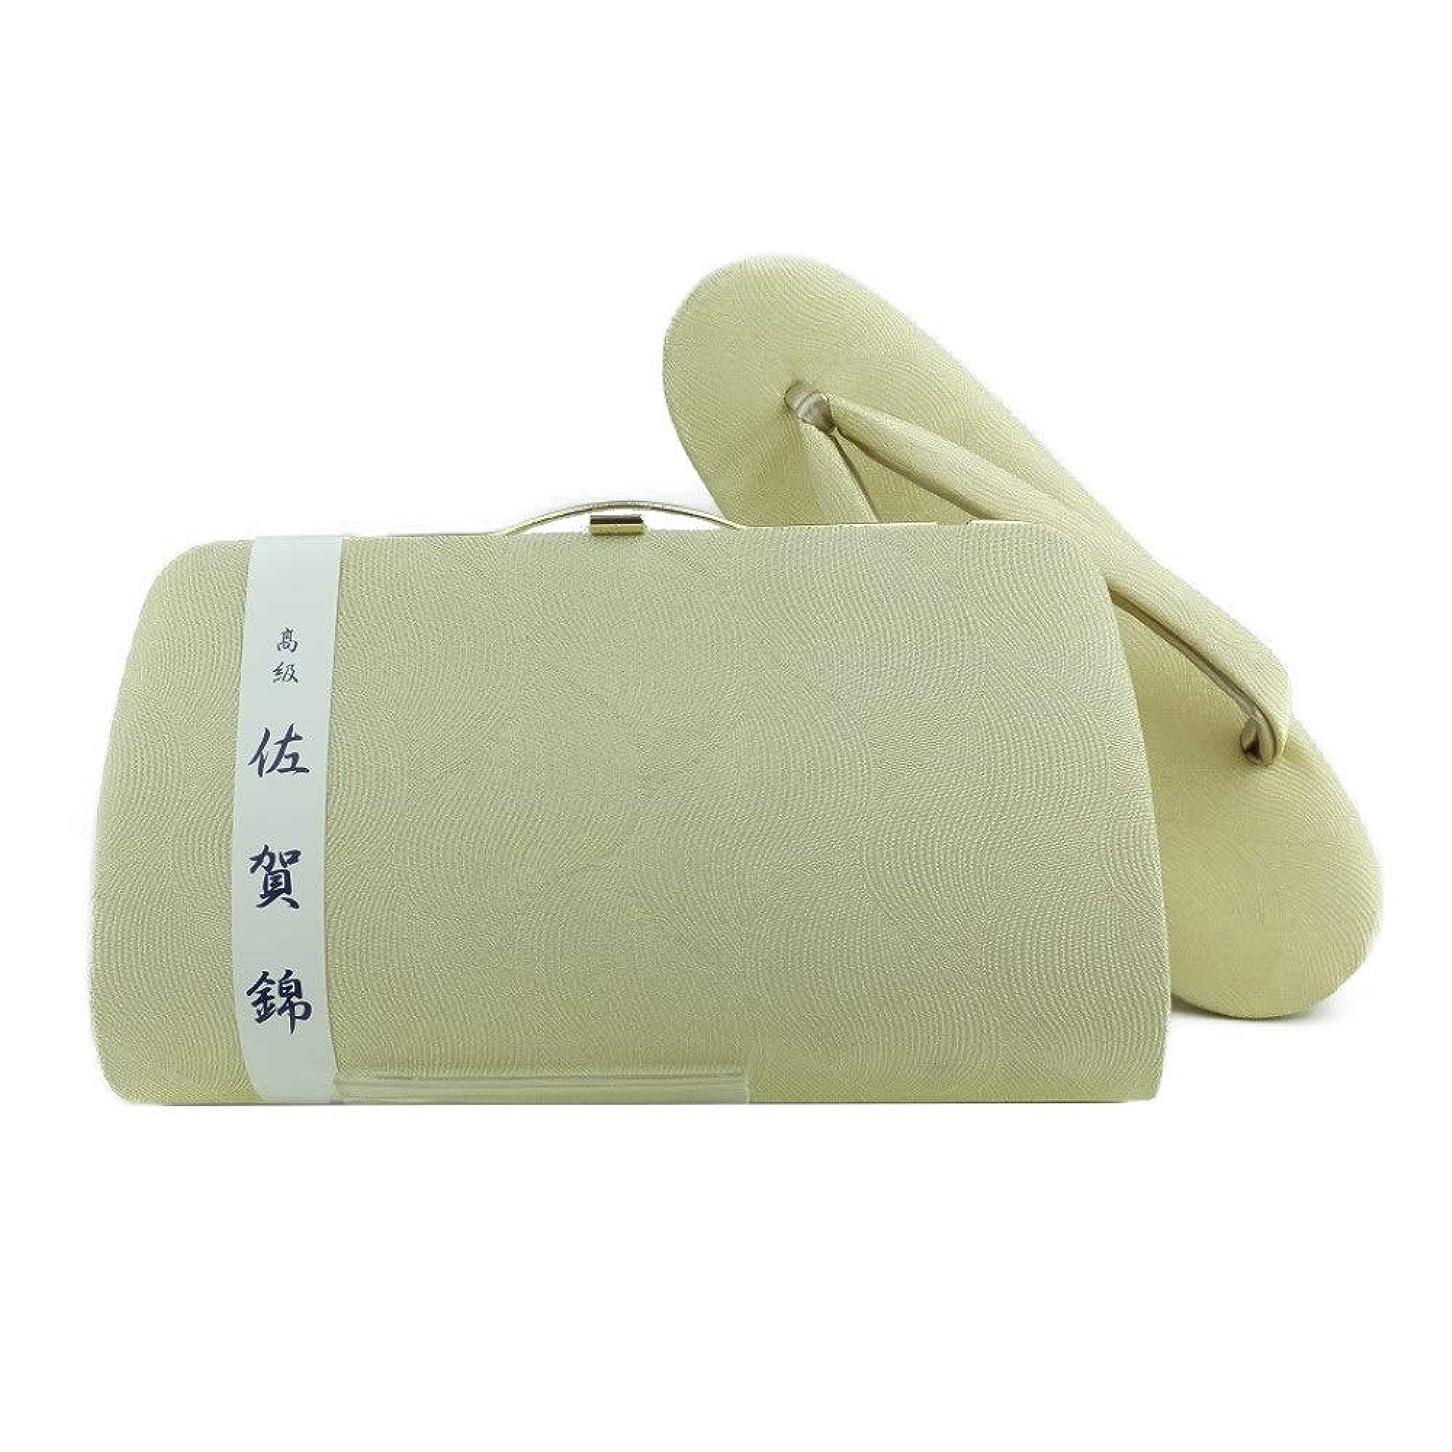 ブランデー会話旋回礼装用 草履バッグセット 結婚式 金 (クサリ付) M,Lサイズ 【日本製】